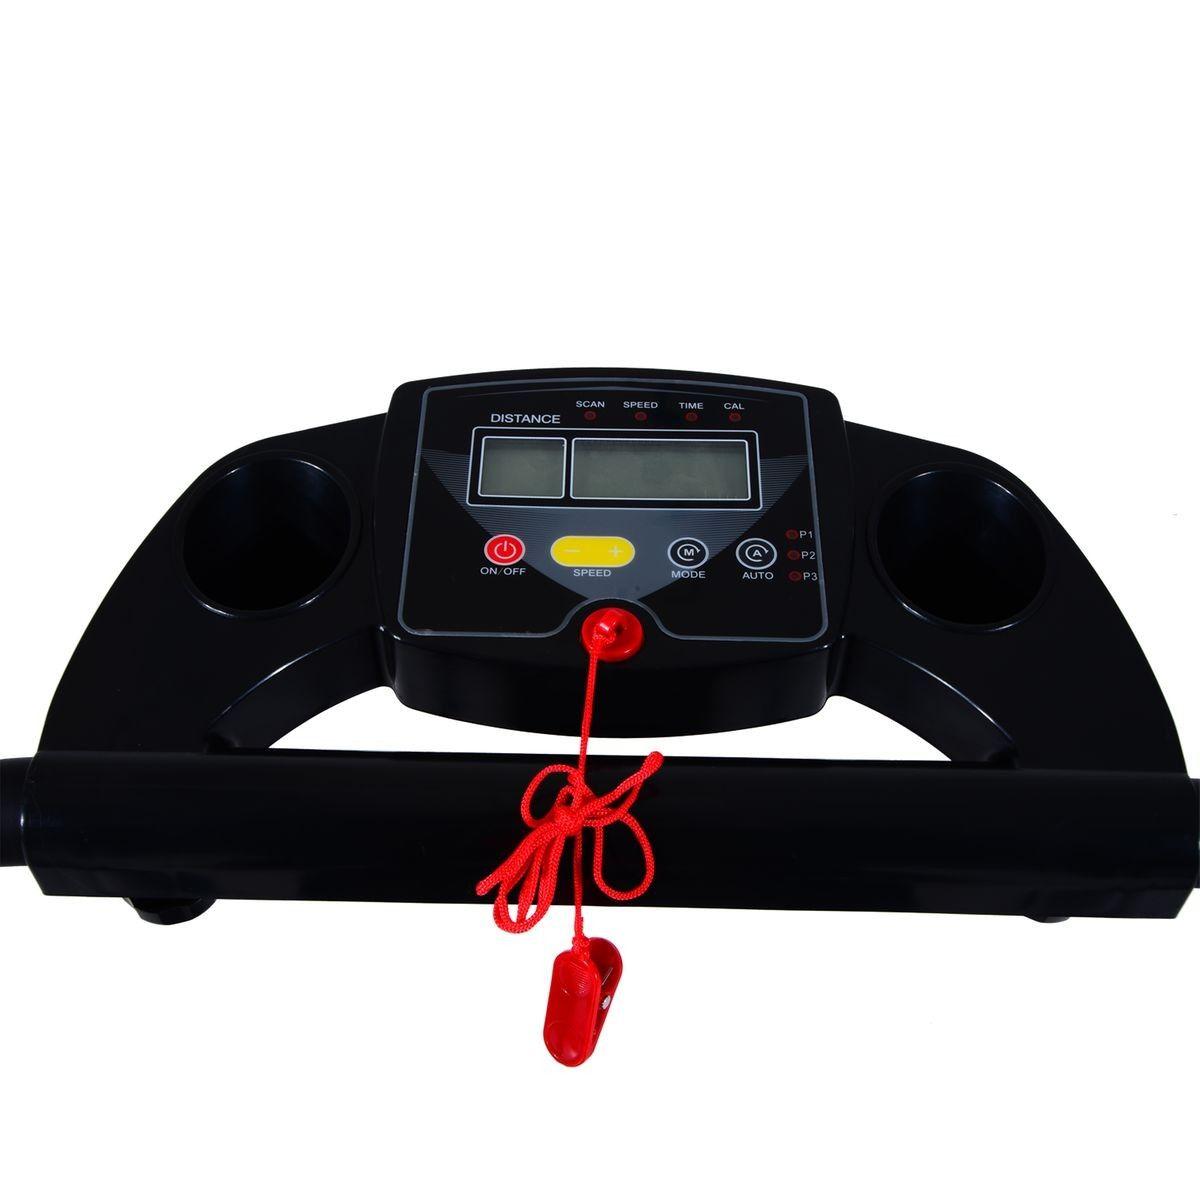 Tapis Roulant De Course Electrique Taille Taille Unique Course Electrique Tapis Roulant Et Course